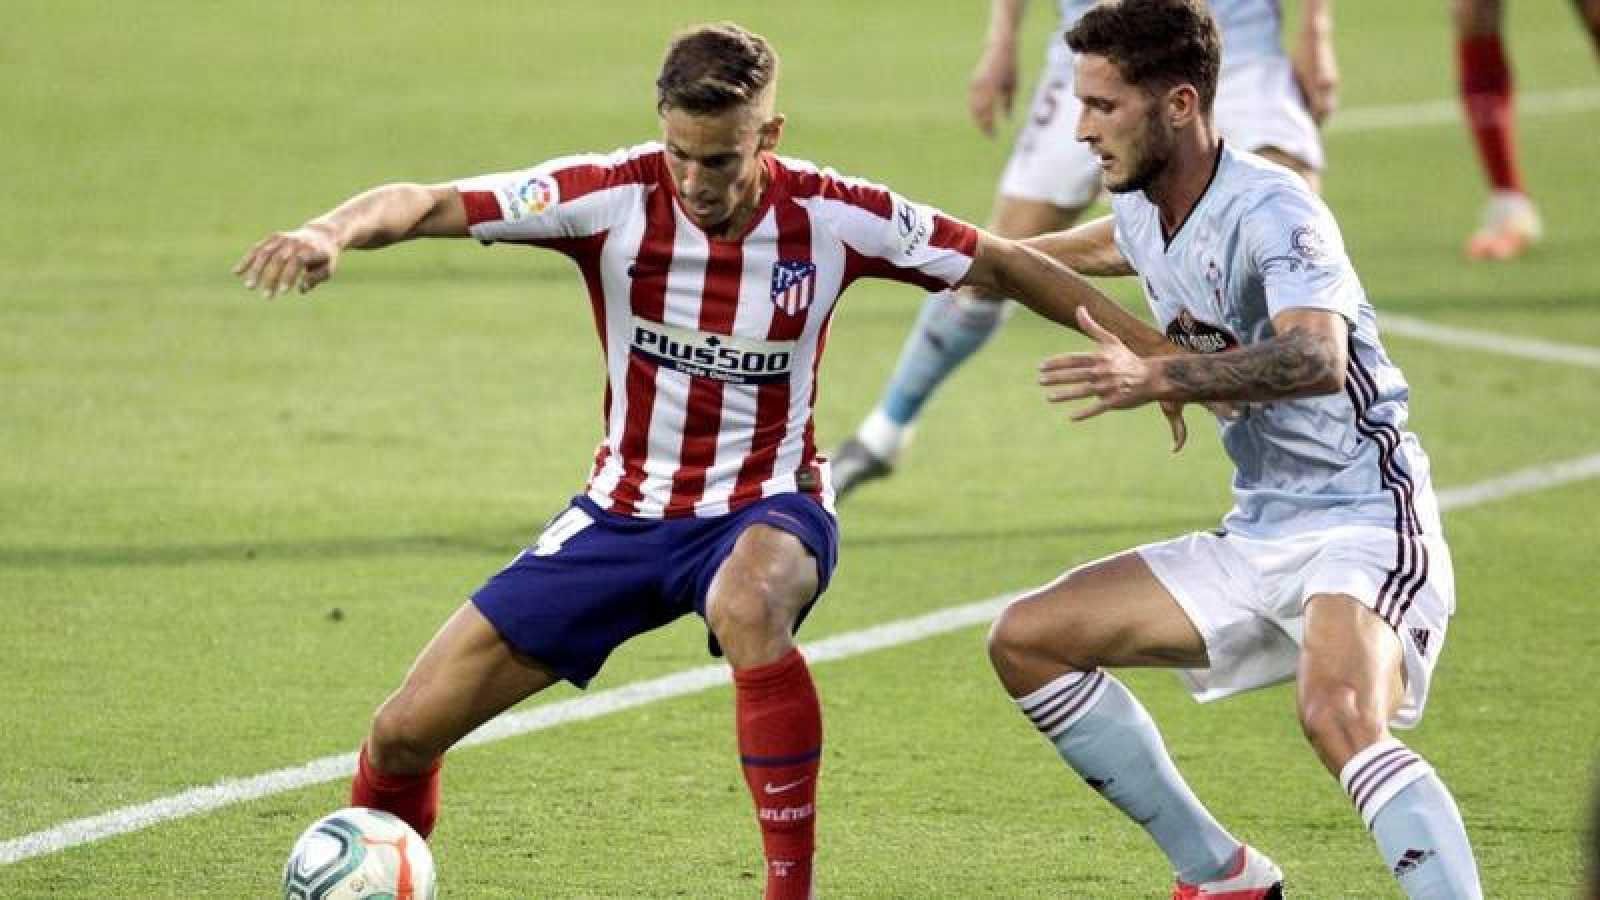 El centrocampista del Atlético de Madrid, Marcos Llorente (i), controla el balón ante el defensa del Celta de Vigo, Jorge Sáenz.